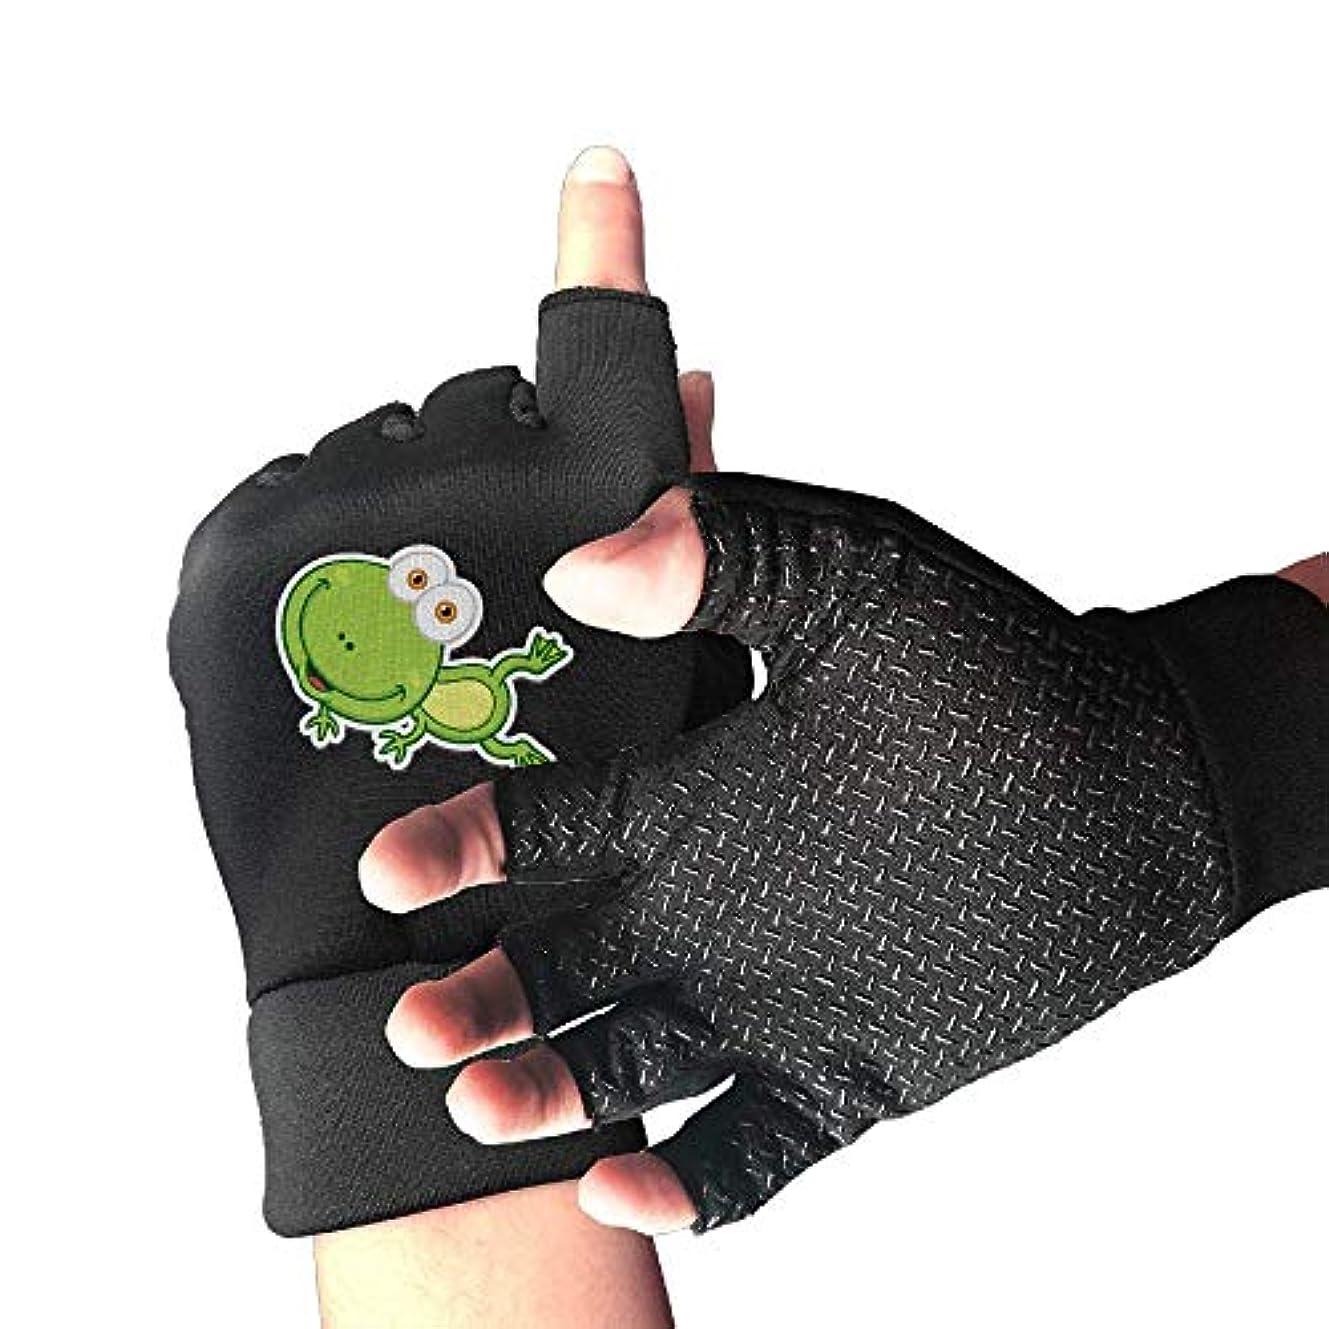 つぶす結婚式覚えているサイクリンググローブグリーンカエル赤ちゃん用メンズ/レディースマウンテンバイク用手袋ハーフフィンガー滑り止めオートバイ用手袋